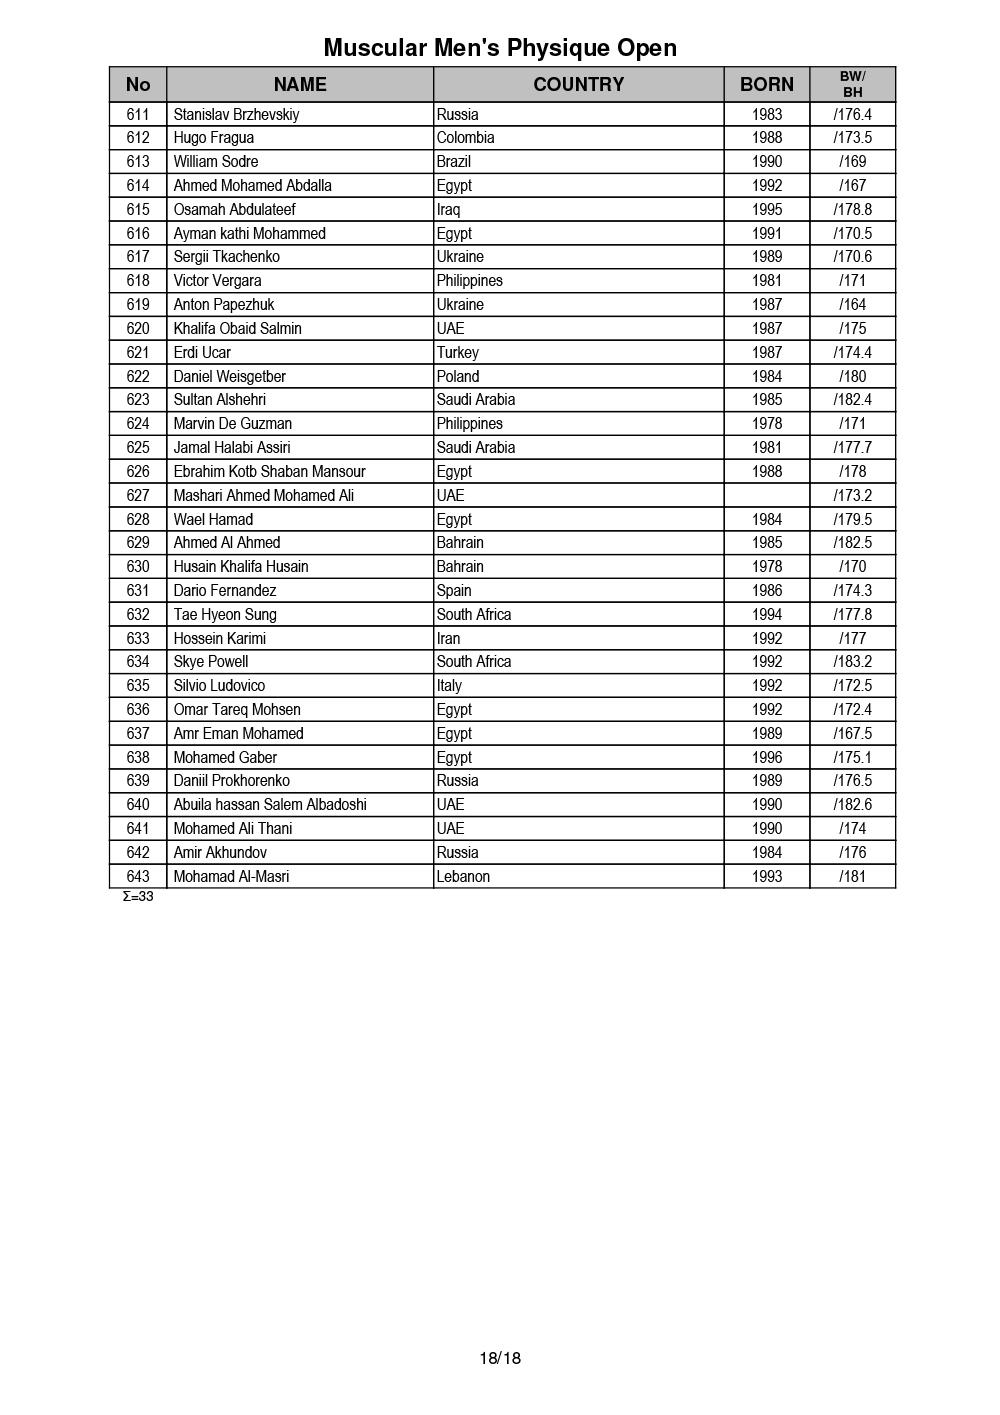 Список участников IFBB Чемпионата мира по бодибилдингу - 2019